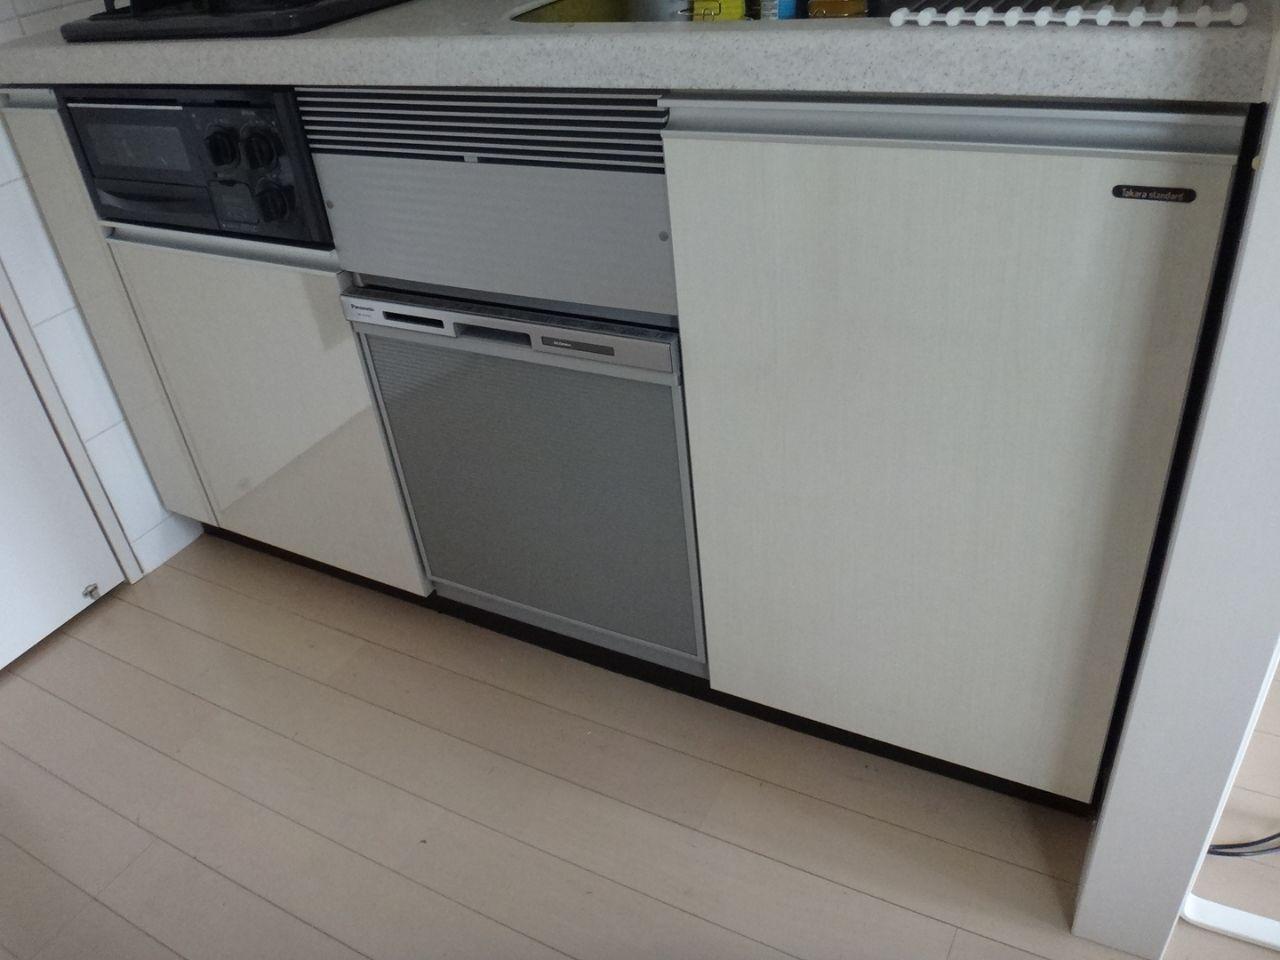 ばぶらのローエミッション生活食洗機工事の出来映えは?Panasonic NP-45MS6S イン・リロケマンション